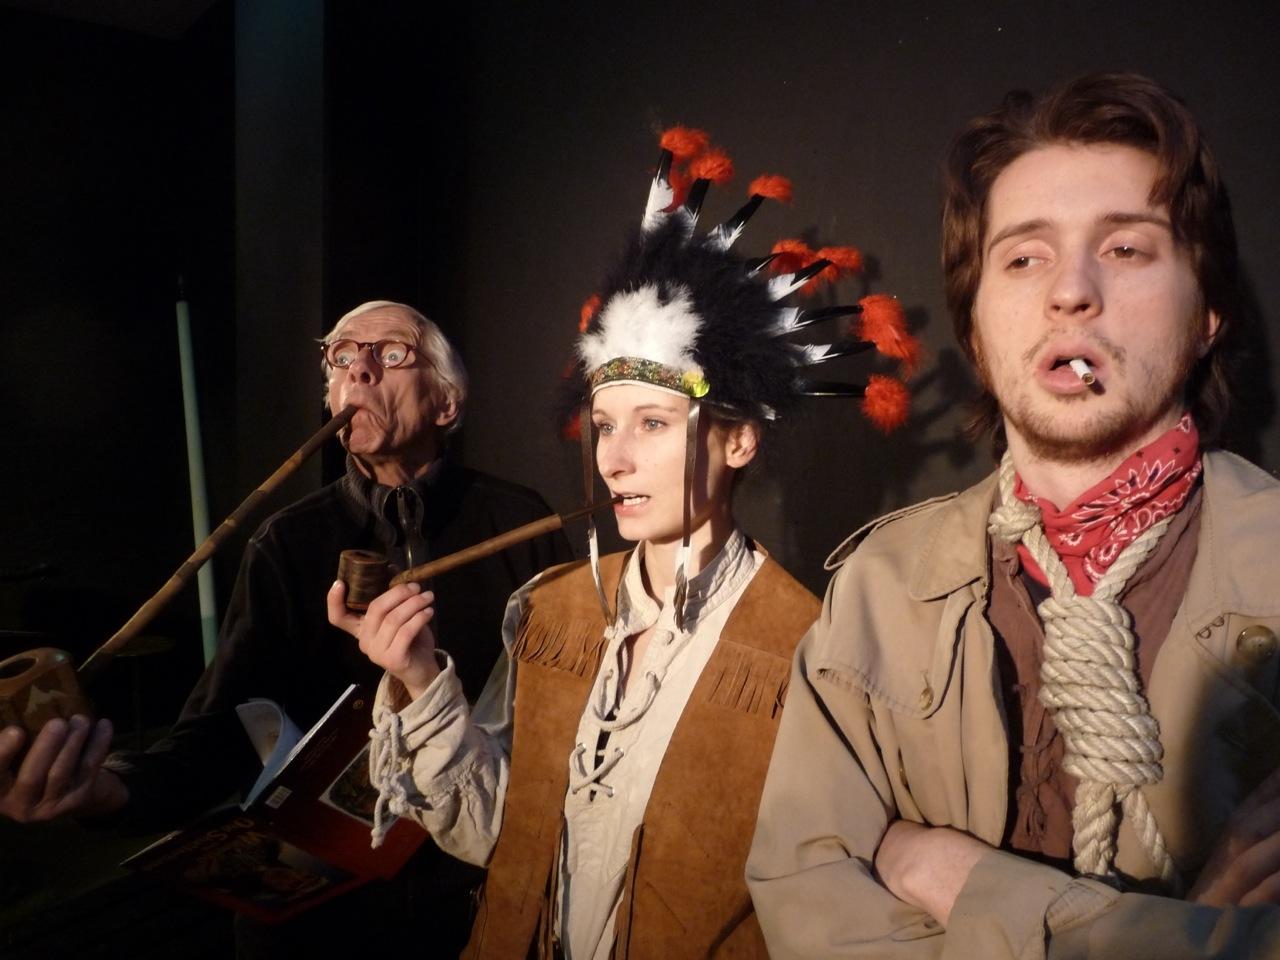 Karl Mays Schatz im Silbersee – Remake der tQ (on location)